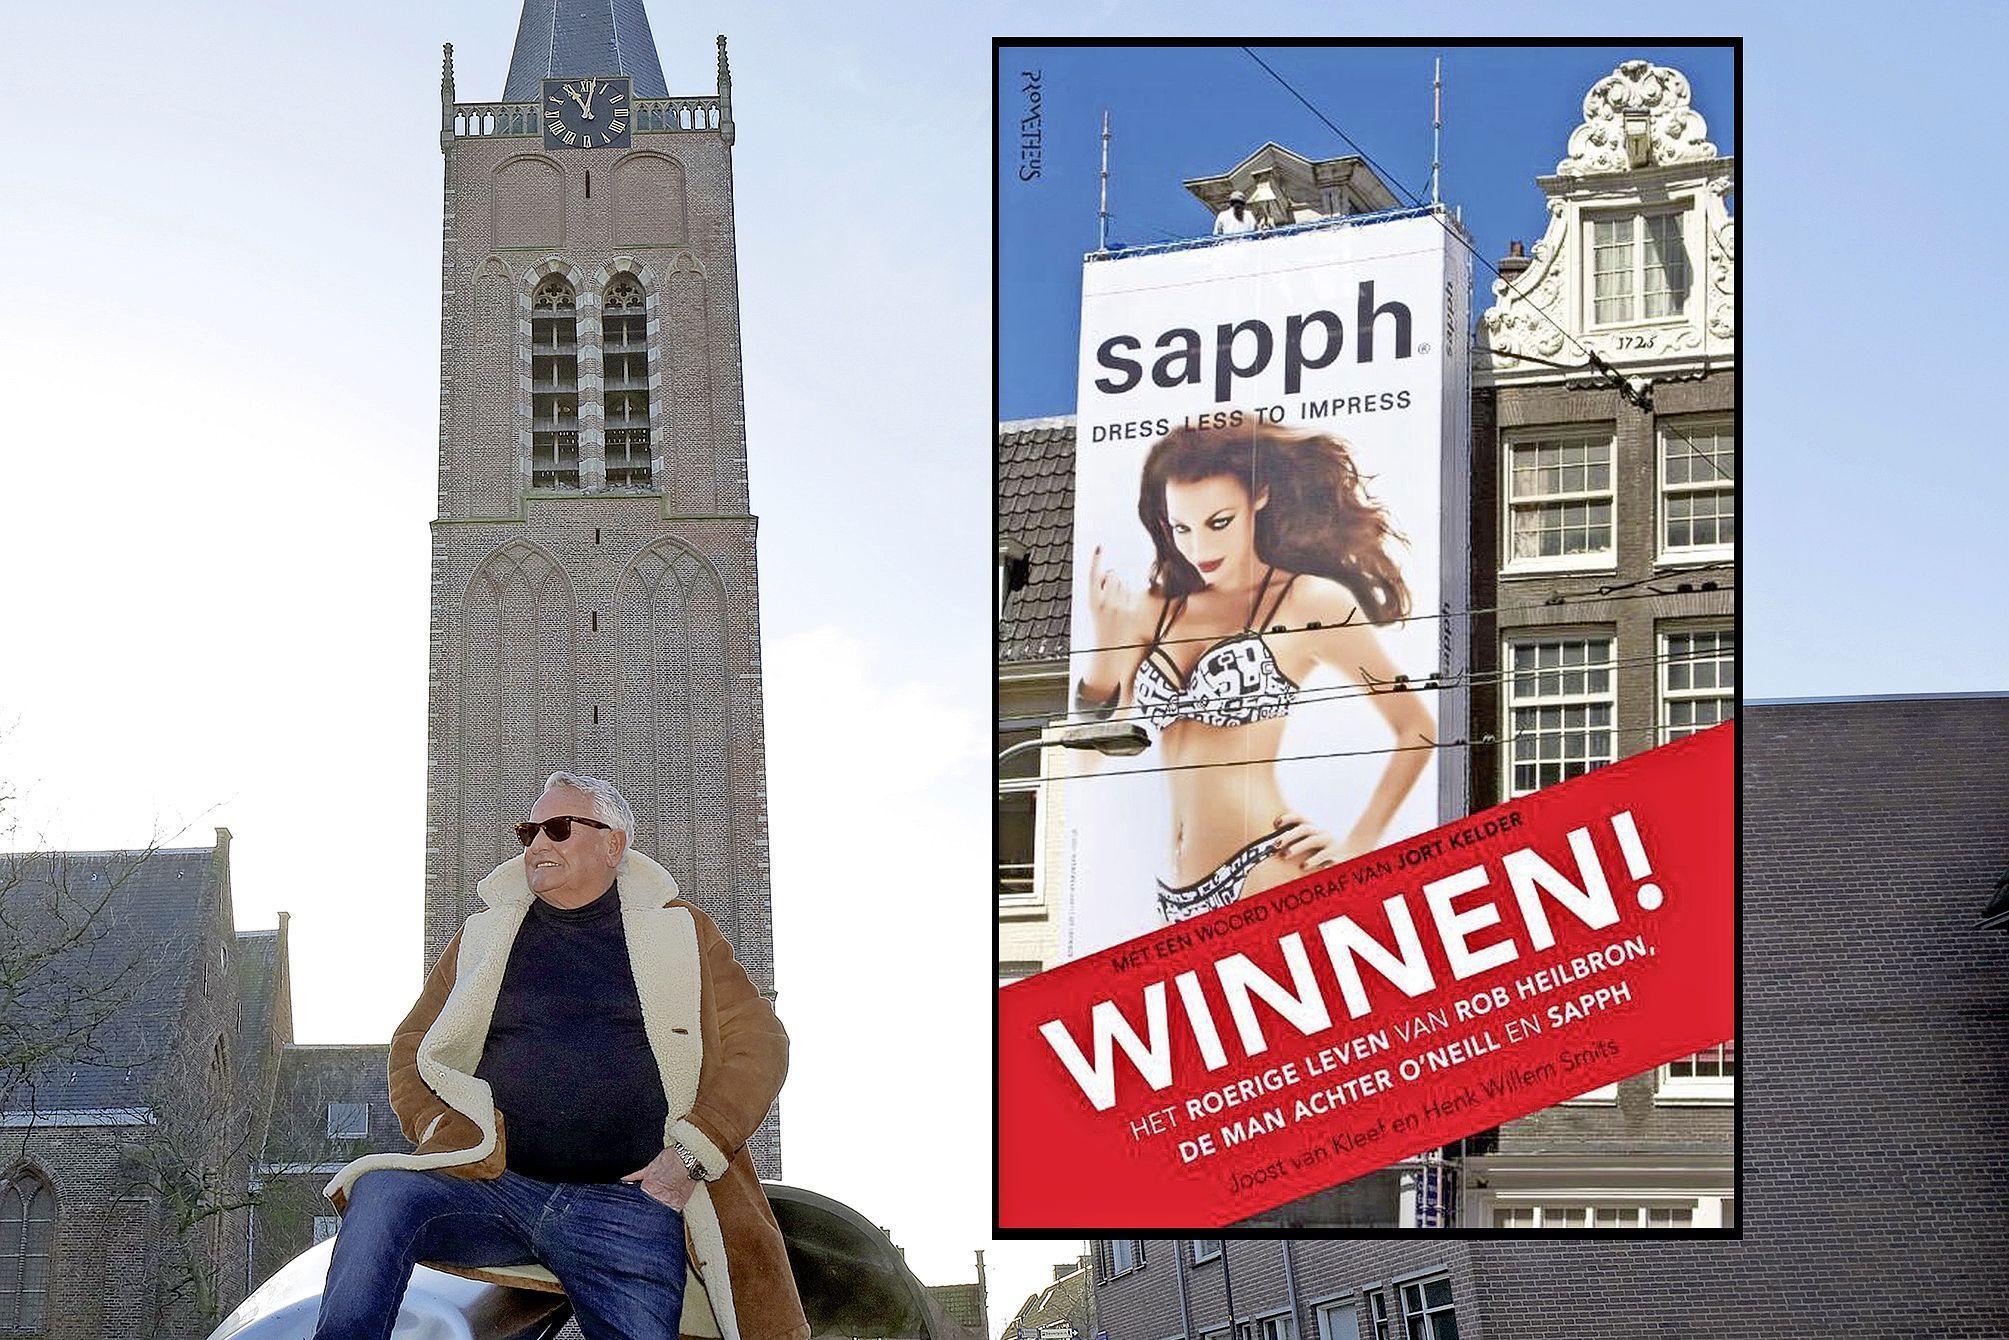 Rob Heilbron wil altijd 'Winnen!'. Boek in Beverwijk geboren lefgozer vertelt over in oorlog omgekomen Joodse familie en zijn avonturen als zeilkampioen en grote man achter O'Neill Europa en lingeriemerk Sapph